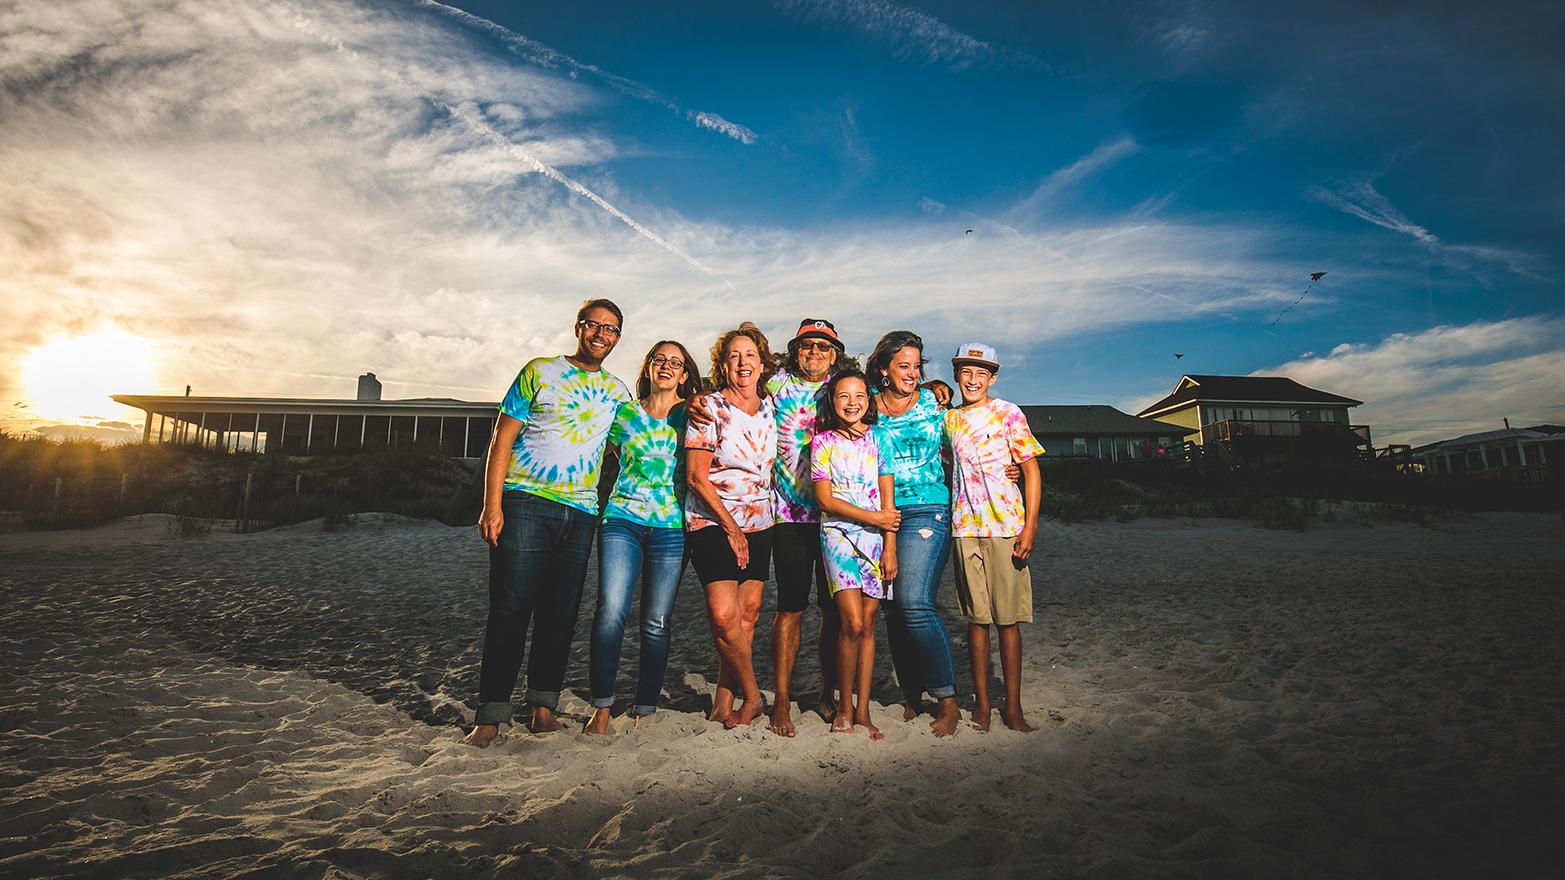 Topsial+Beach+Family+Photos.jpg